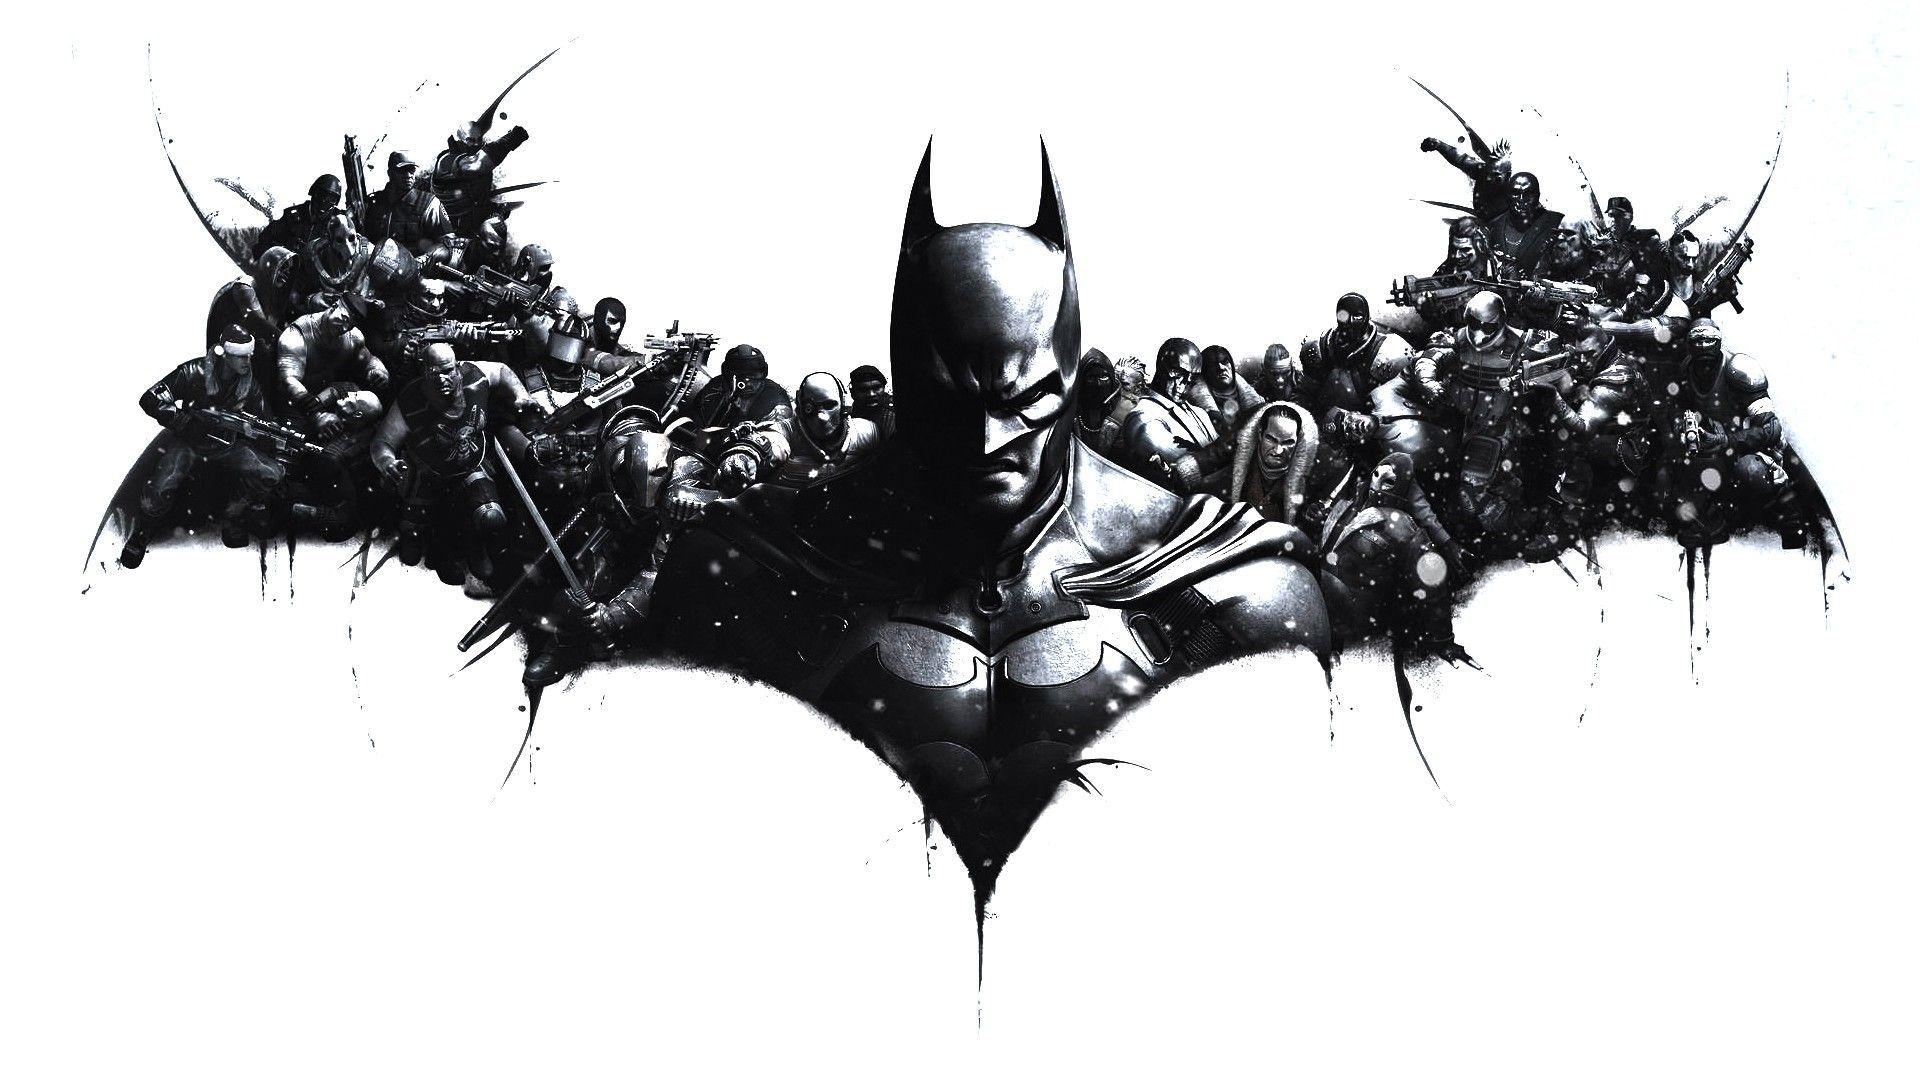 ¿Cuál de estos personajes fue introducido por primera vez en el universo de Batman en esta saga?